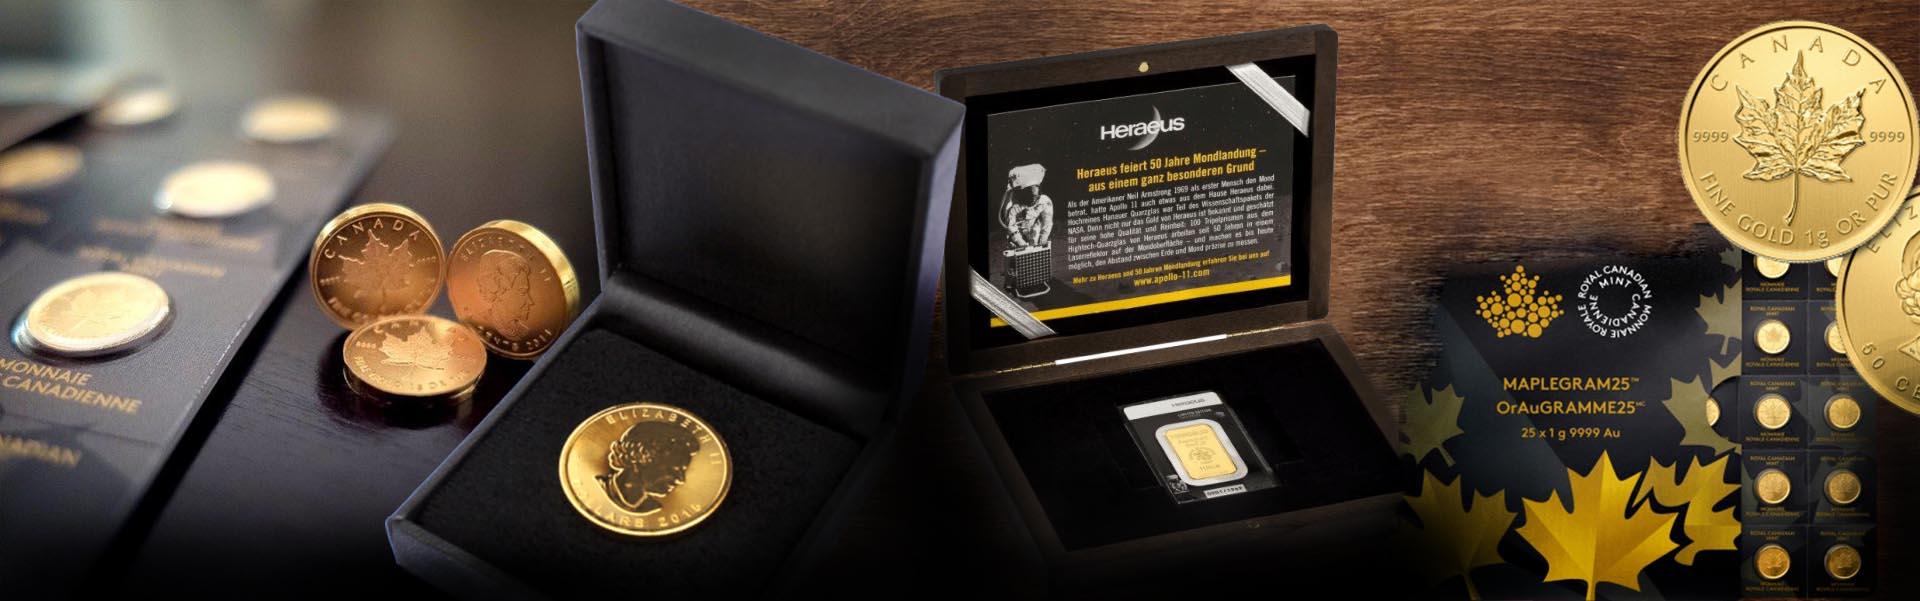 GoldSilberShop gold gift ideas